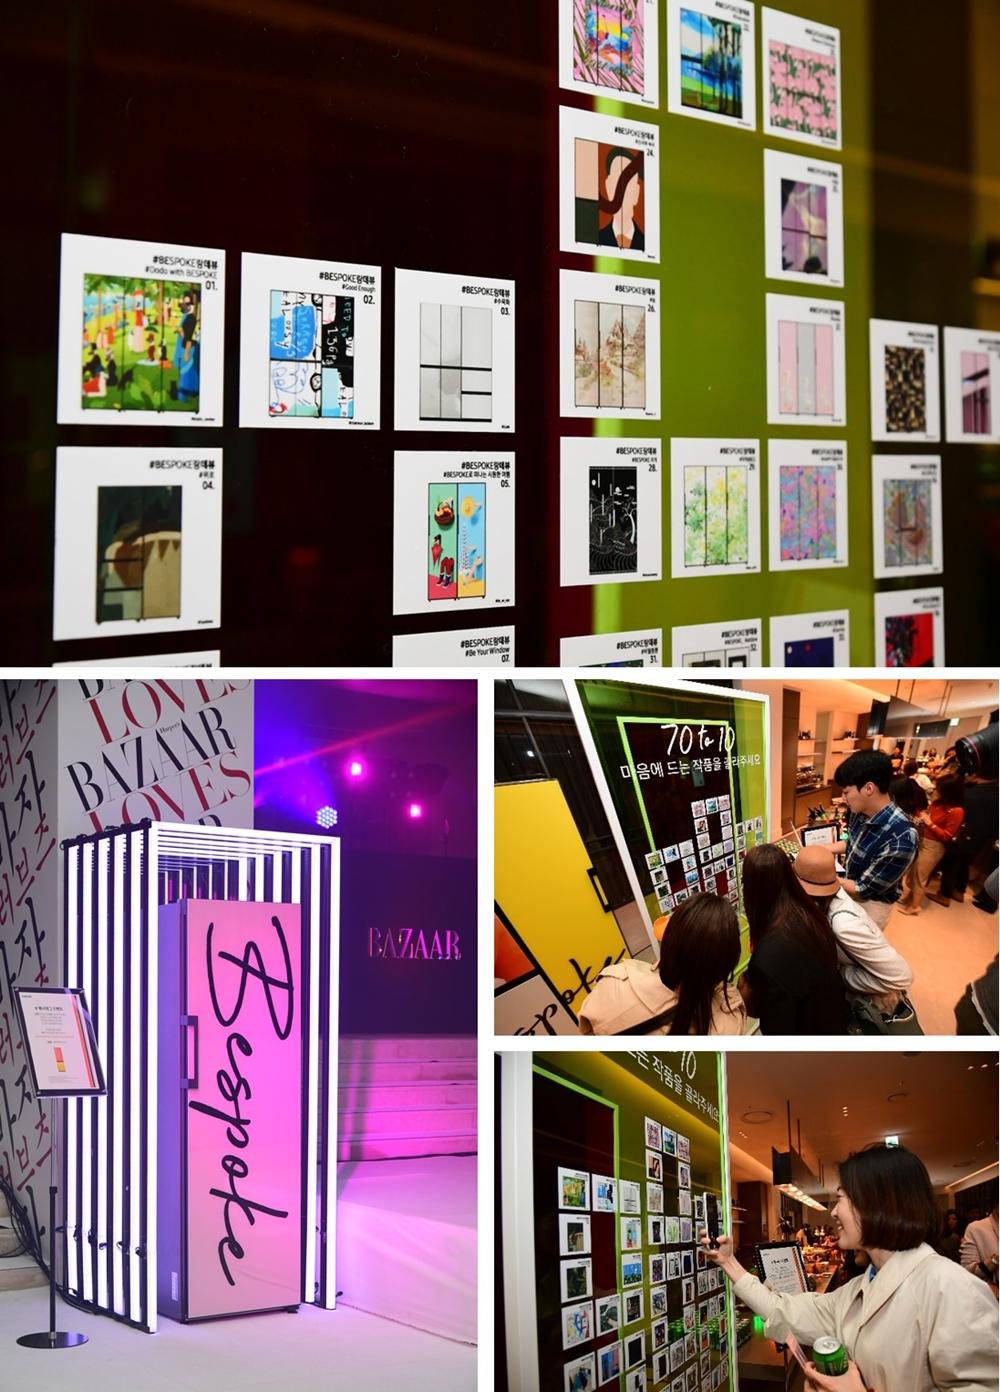 ▲ '바자러브즈 파티'에서 모두의 눈길과 발길을 사로잡았던 '비스포크 존(BESPOKE ZONE)'. 파티 참가자들이 마음에 드는 작품에 직접 투표하거나 사진을 찍으며 새롭게 세상에 나오게 될 비스포크에 대한 기대감을 드러냈다.